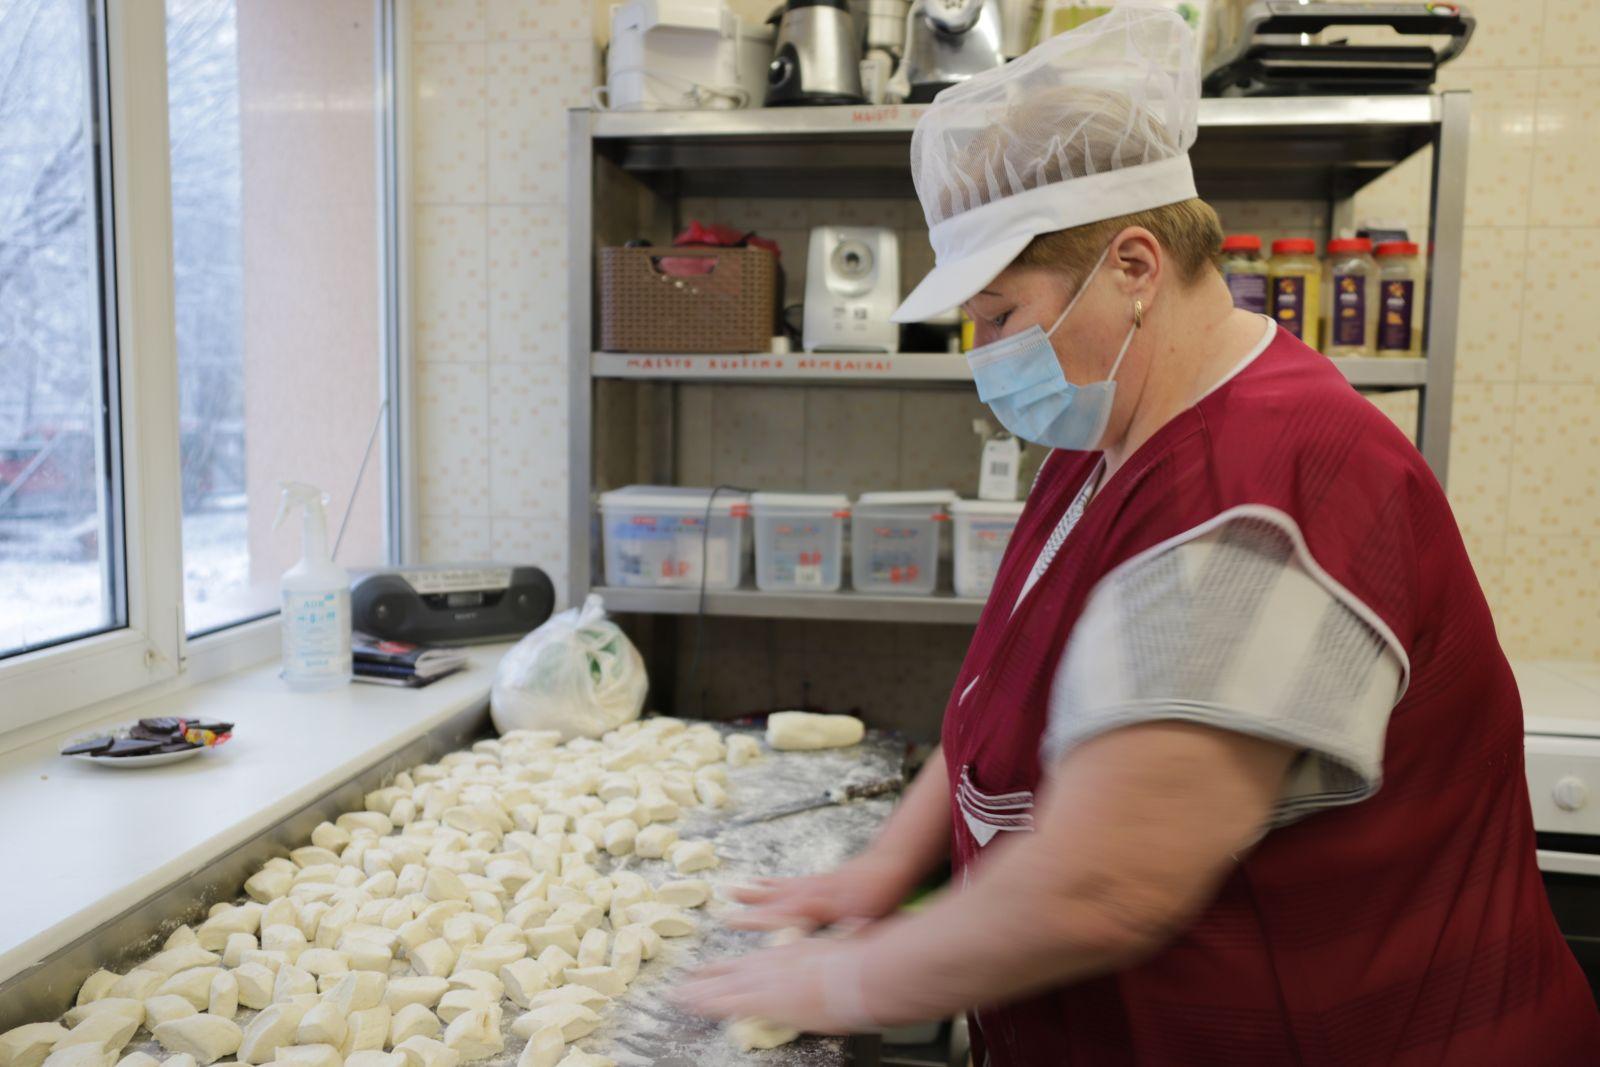 """Lietuvos agentūros """"SOS vaikai"""" Panevėžio skyriaus valgykloje paruoštus šiltus pietus kasdien gauna apie aštuonios dešimtys vagstančiųjų. Neretam jų tai būna visos dienos maistas. I. Stulgaitės–Kriukienės nuotr."""